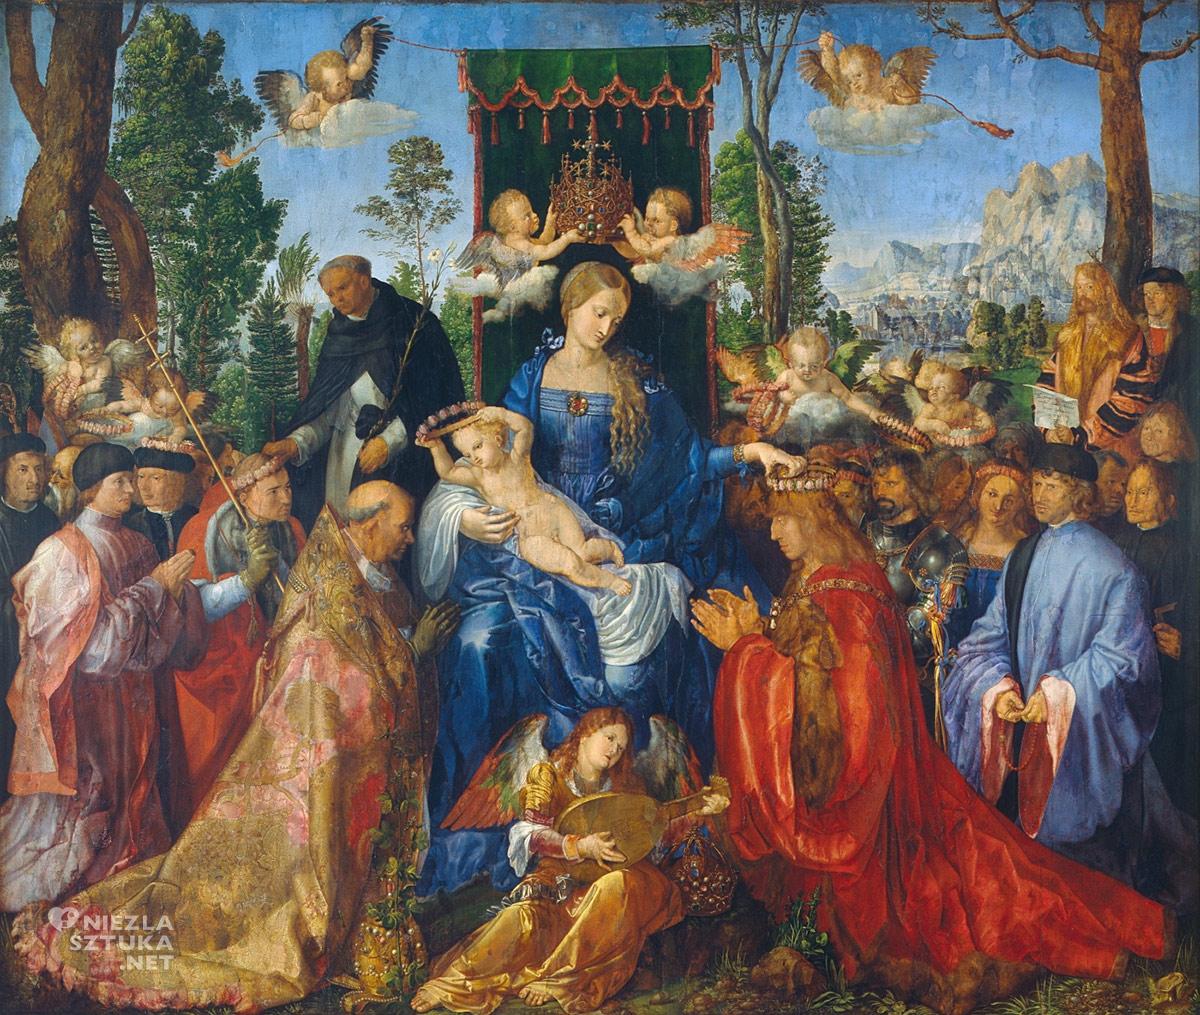 Albrecht Durer, Święto Różańcowe, Niezła sztuka